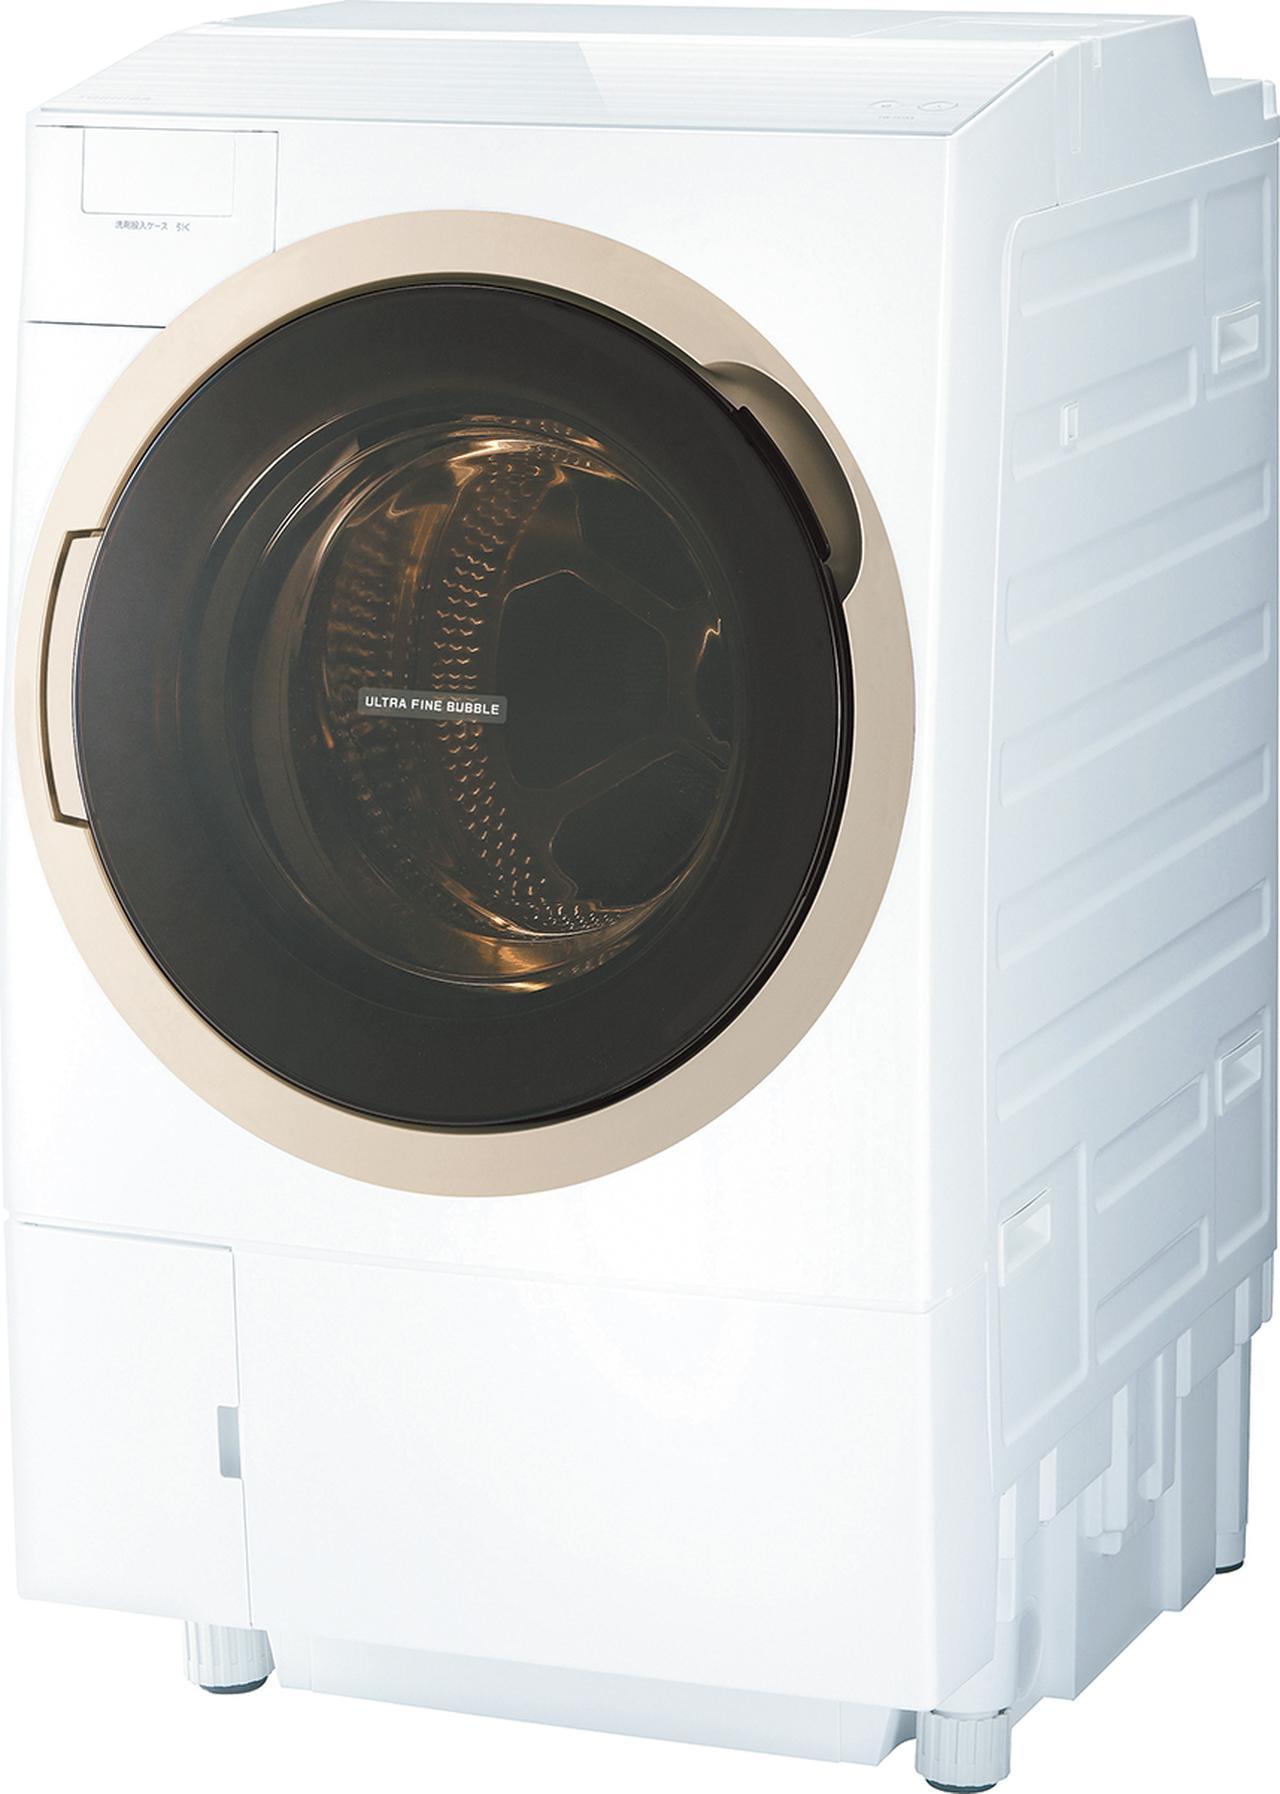 画像3: 今、洗濯乾燥機はスクエアデザインにシフト。泡洗浄や温水洗浄もトレンド